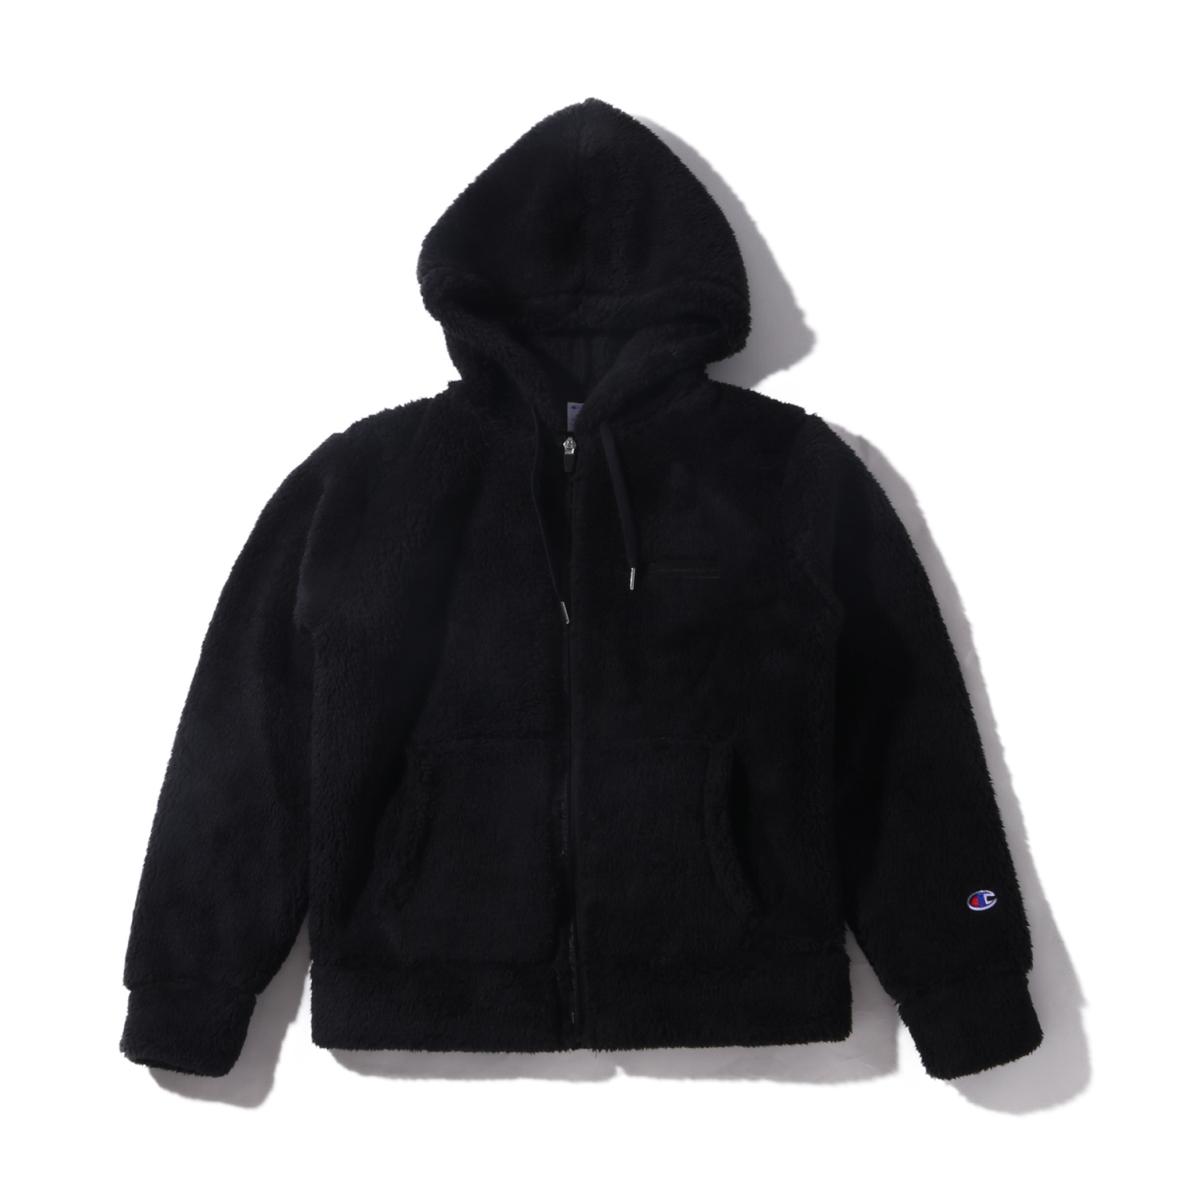 Champion ZIP HOODED JACKET(チャンピオン ジップ フーデッド ジャケット)ブラック【メンズ ジャケット】19FA-I